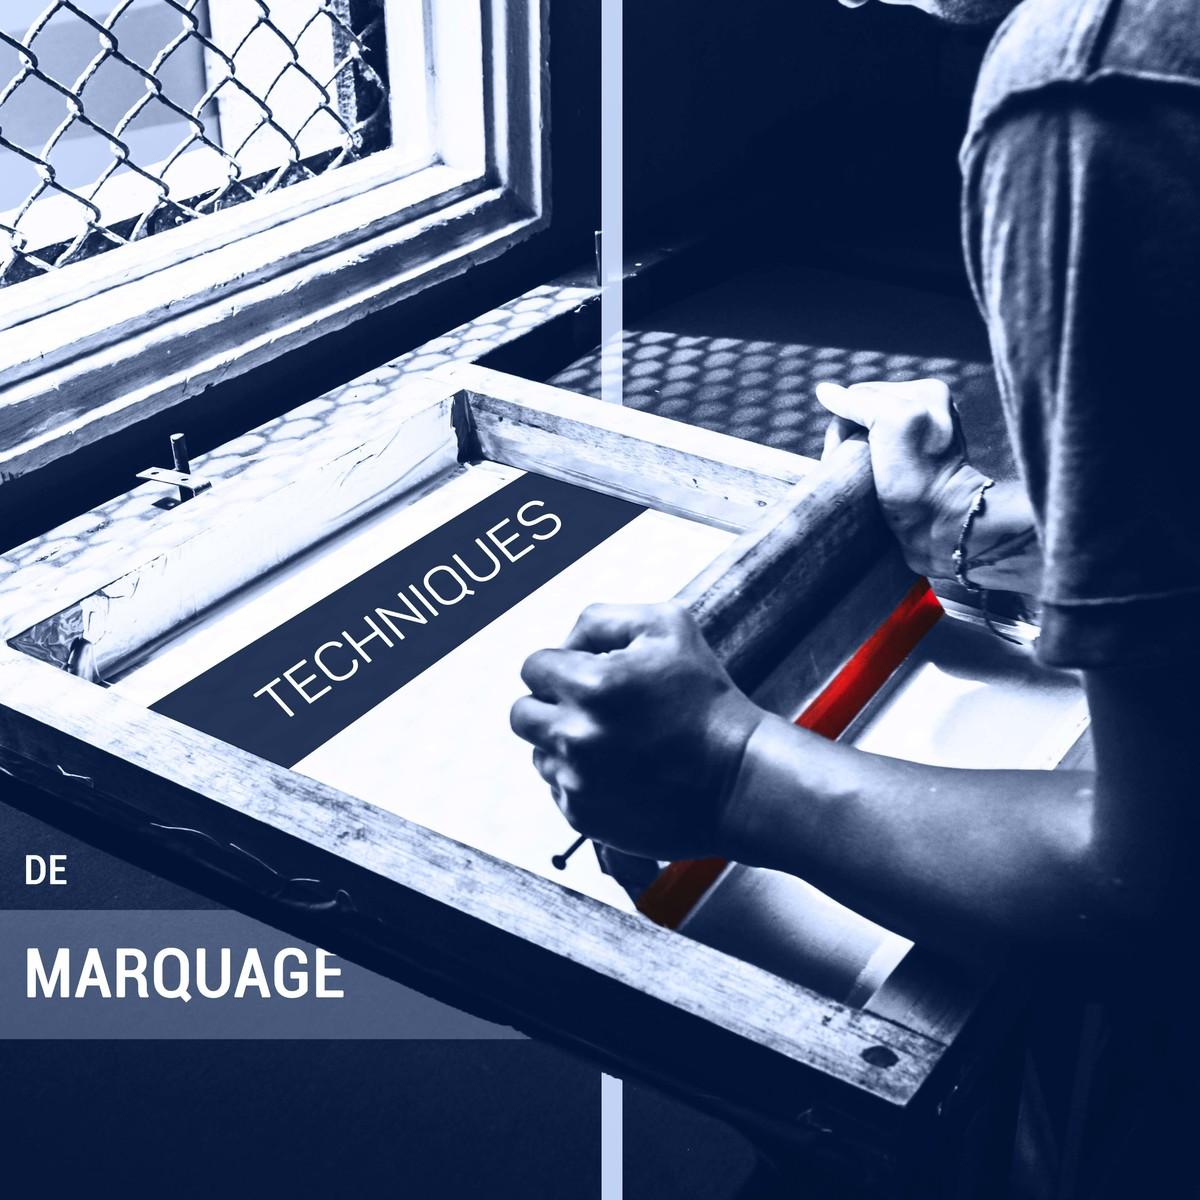 Image_catalogue-marquage-pre_sentation-1--0-0--b4134c71-15fe-40d0-81fd-a00d7b69ccb5